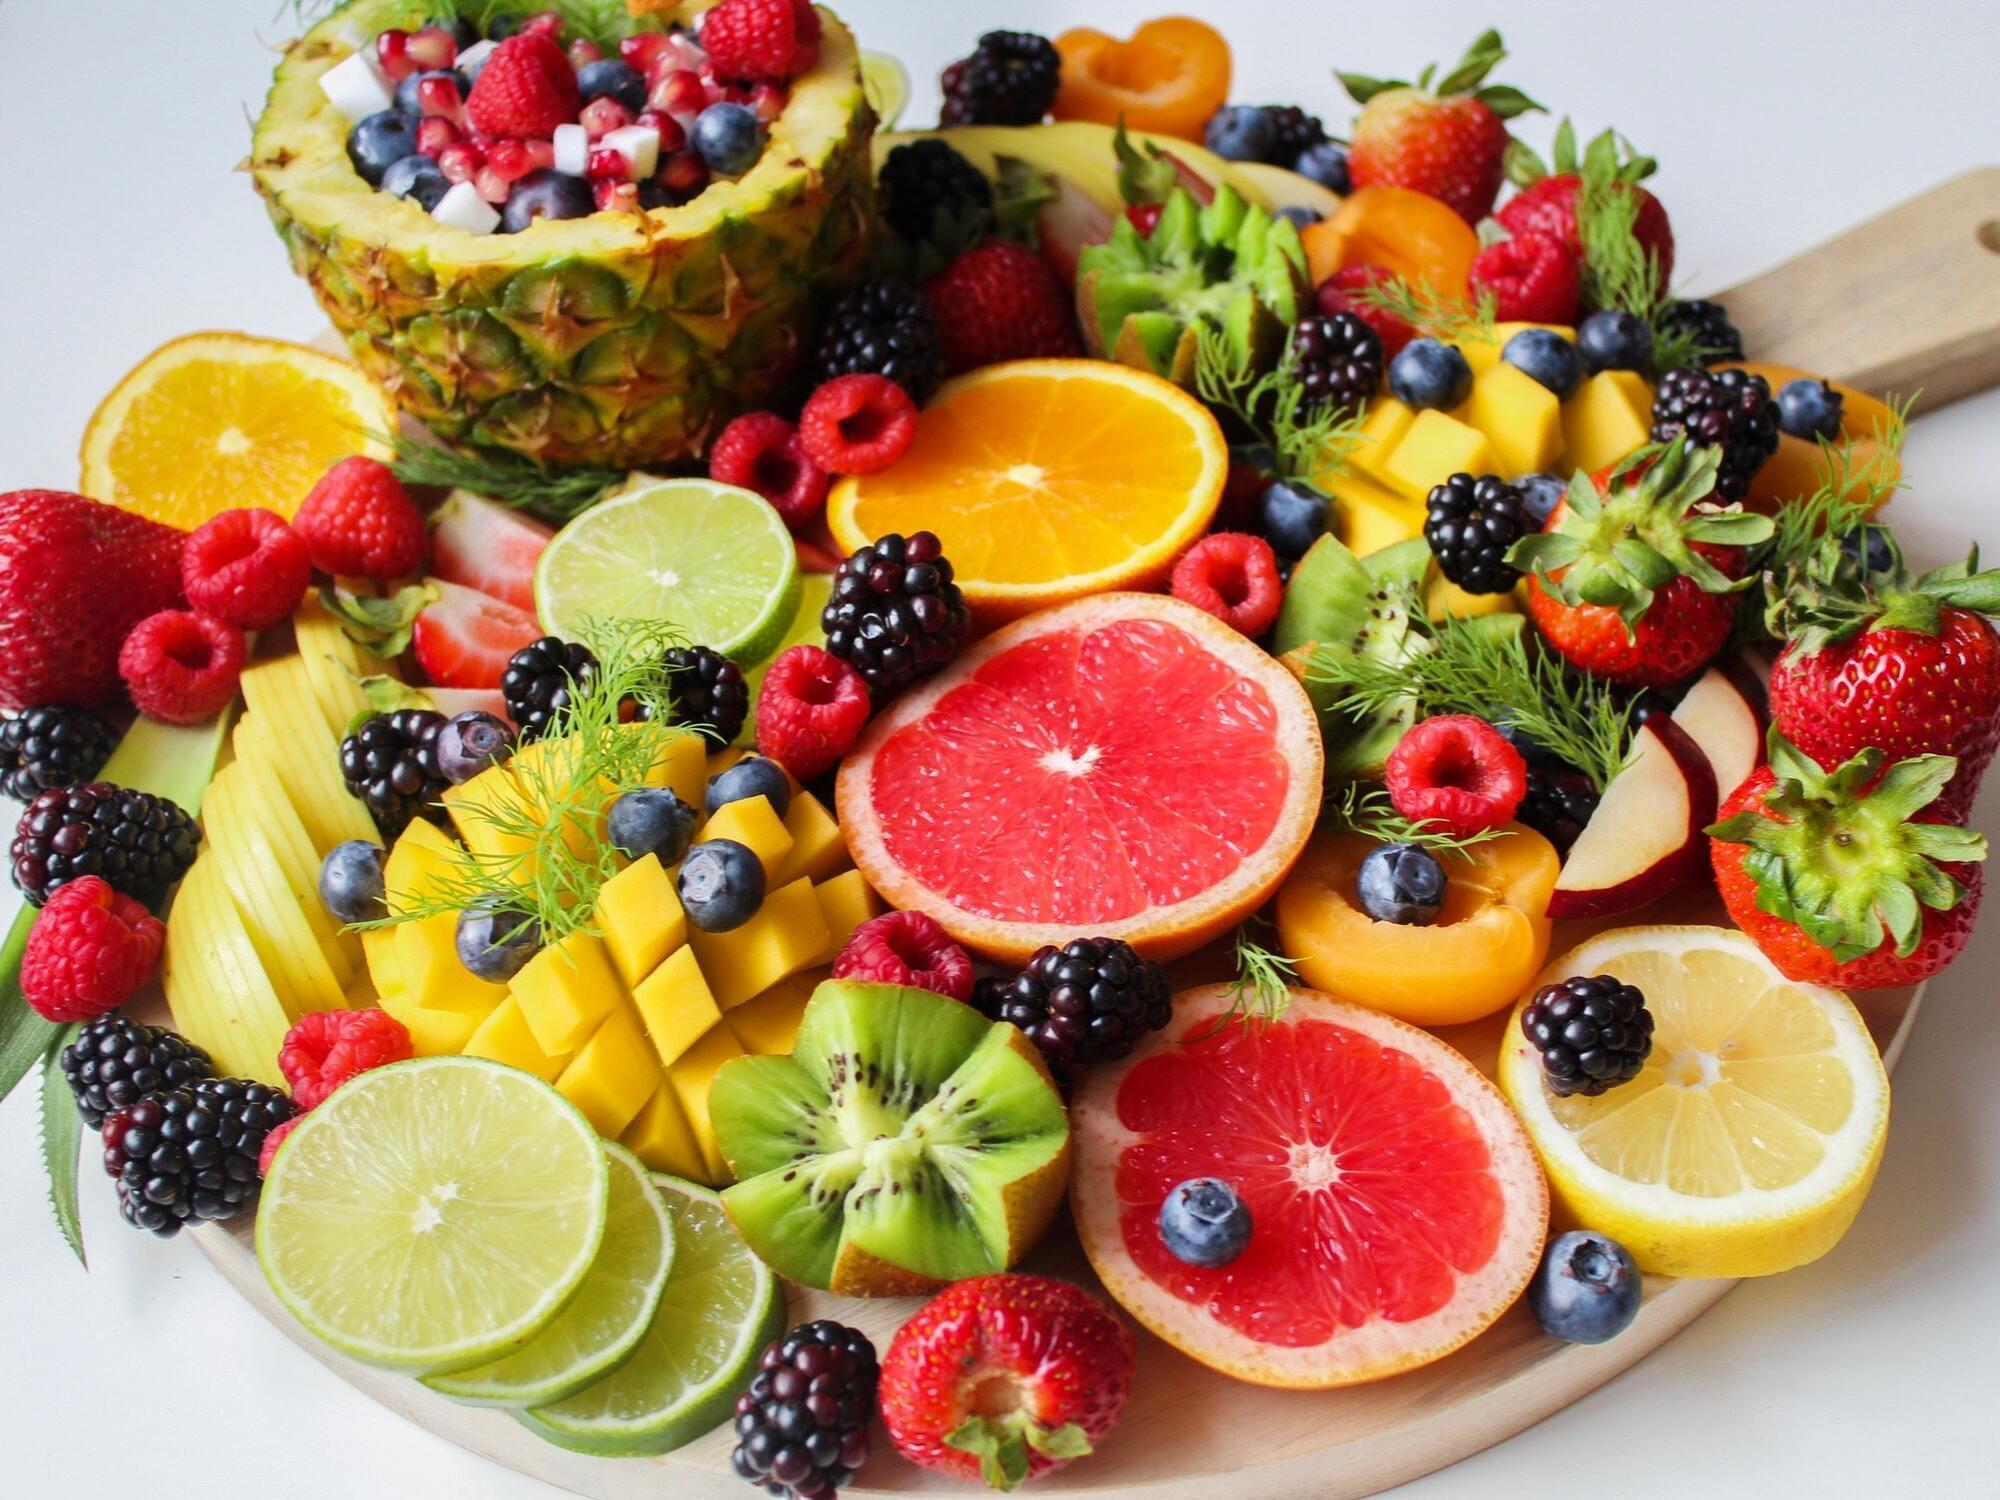 Фрукты содержат меньше калорий, чем конфеты и пироги